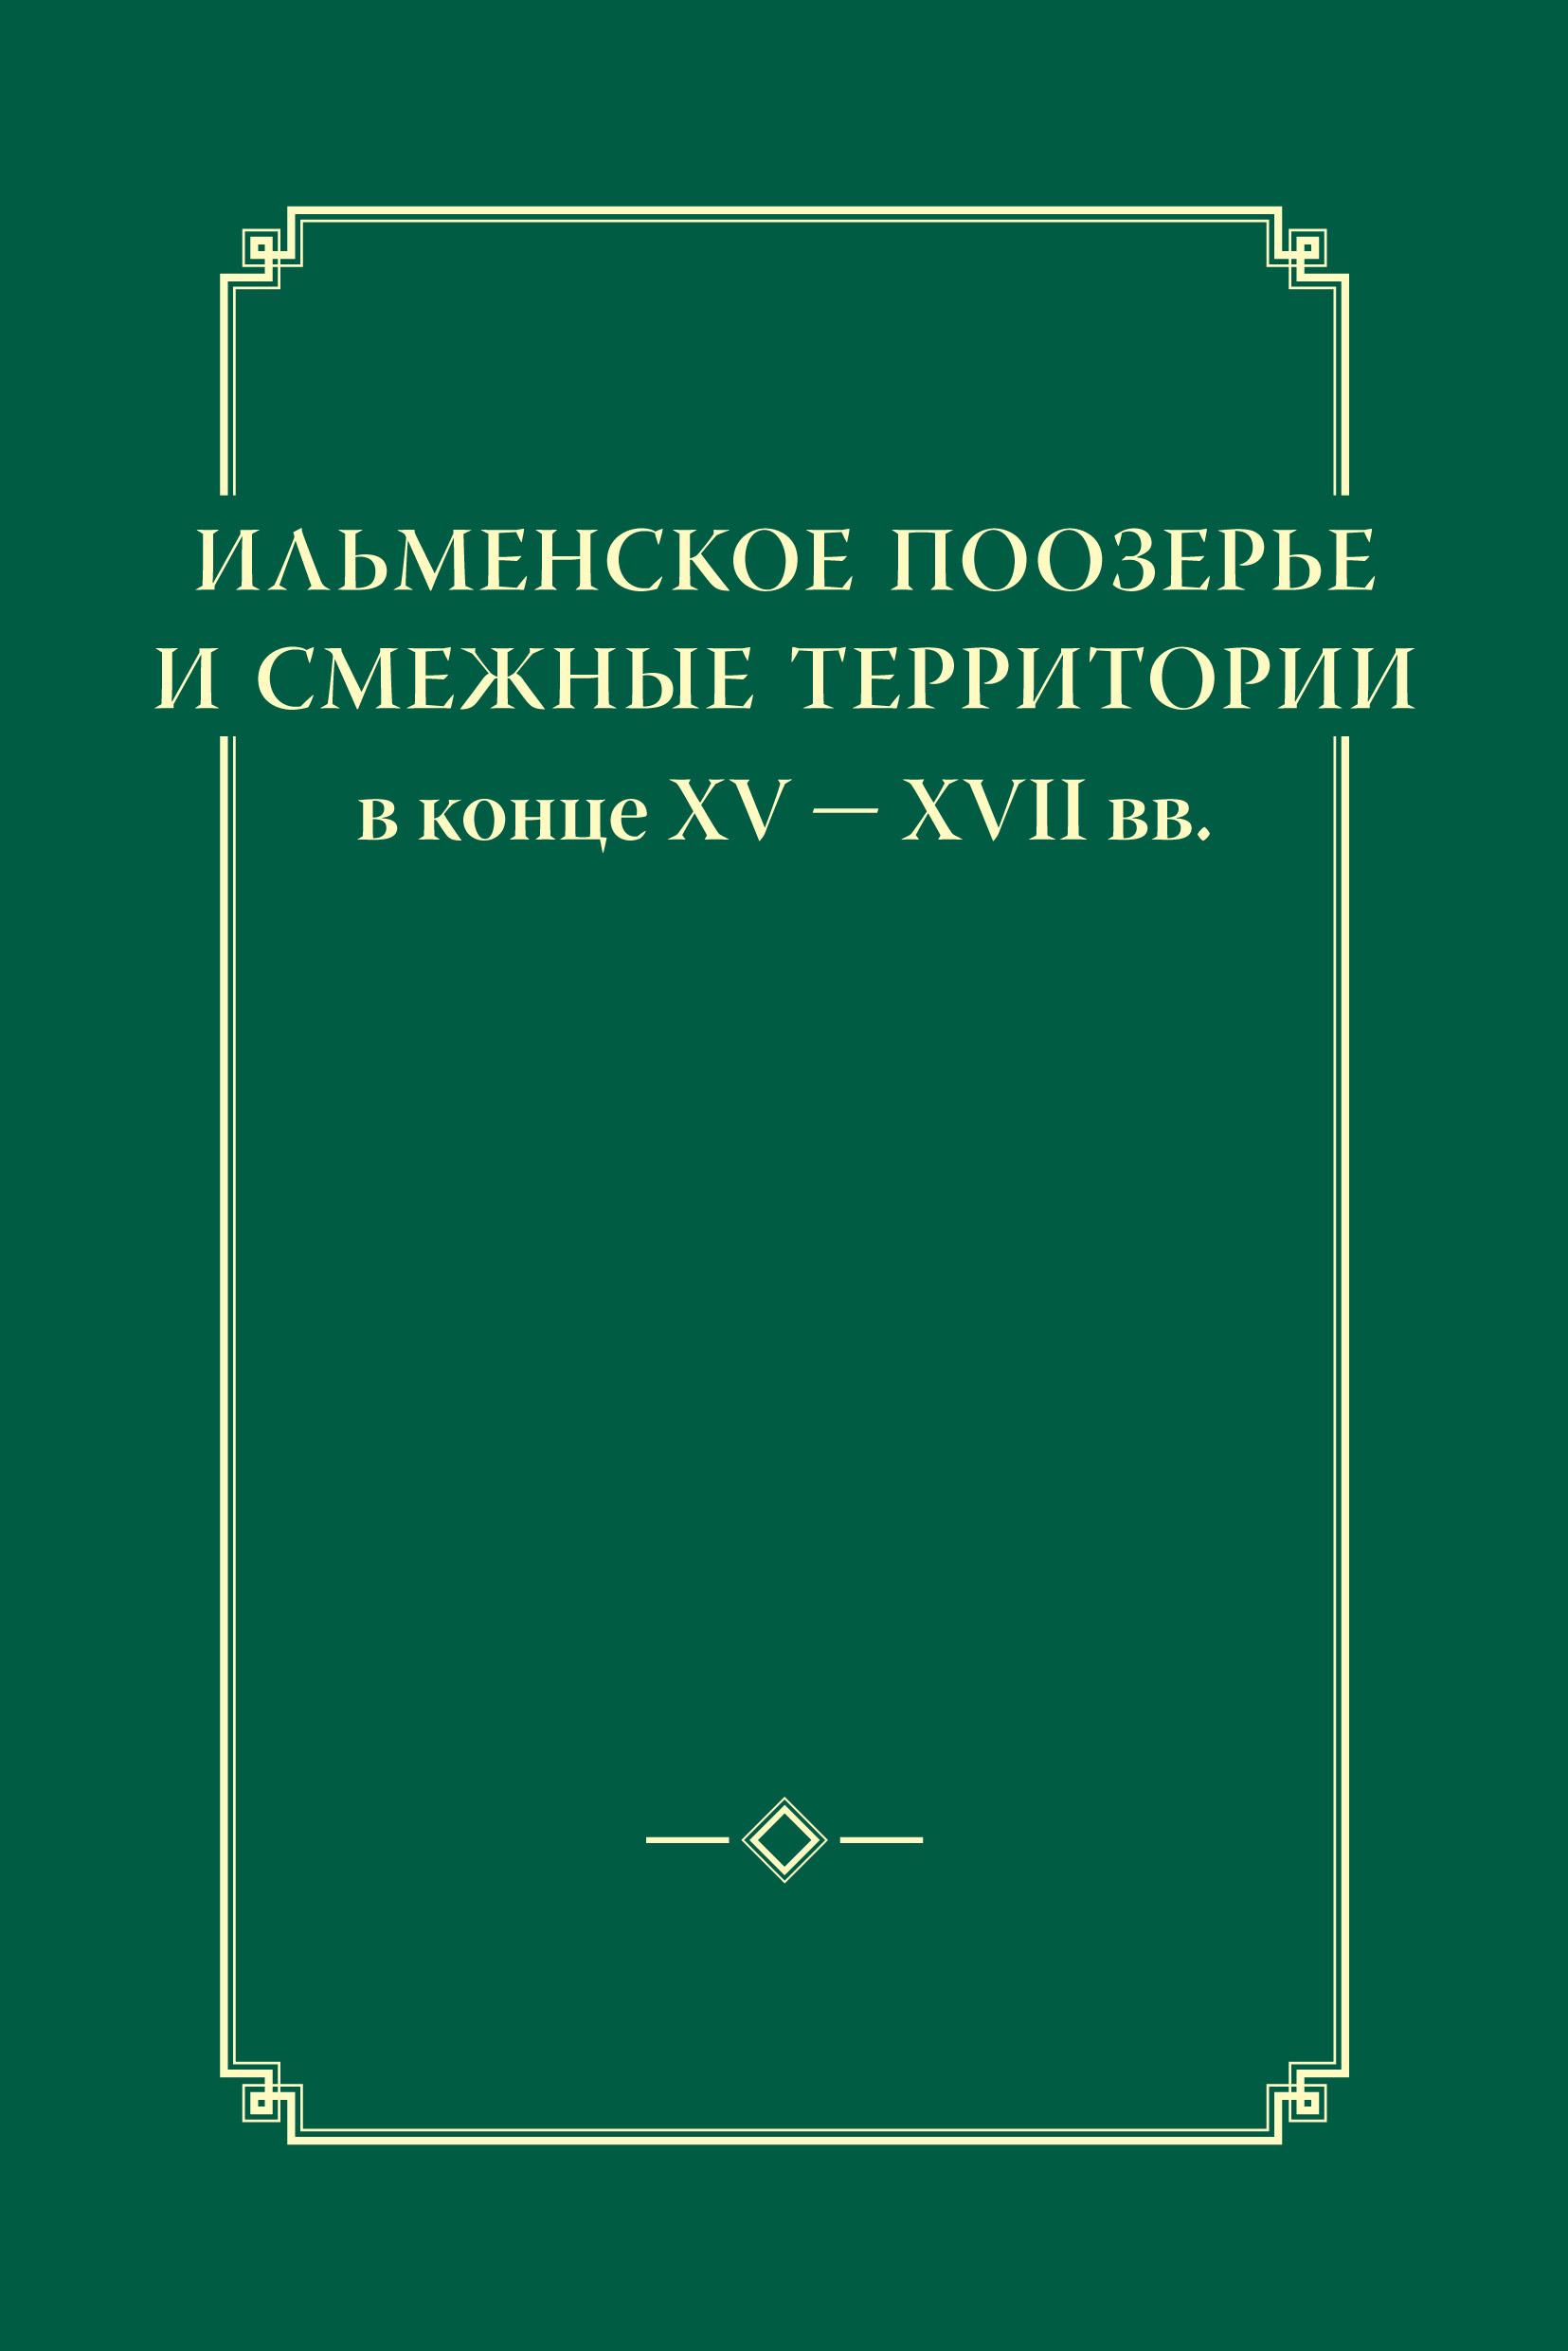 Отсутствует Ильменское Поозерье и смежные территории в конце XV – XVII вв. в и жиглов женский портрет xv xxвв составительв и жиглов